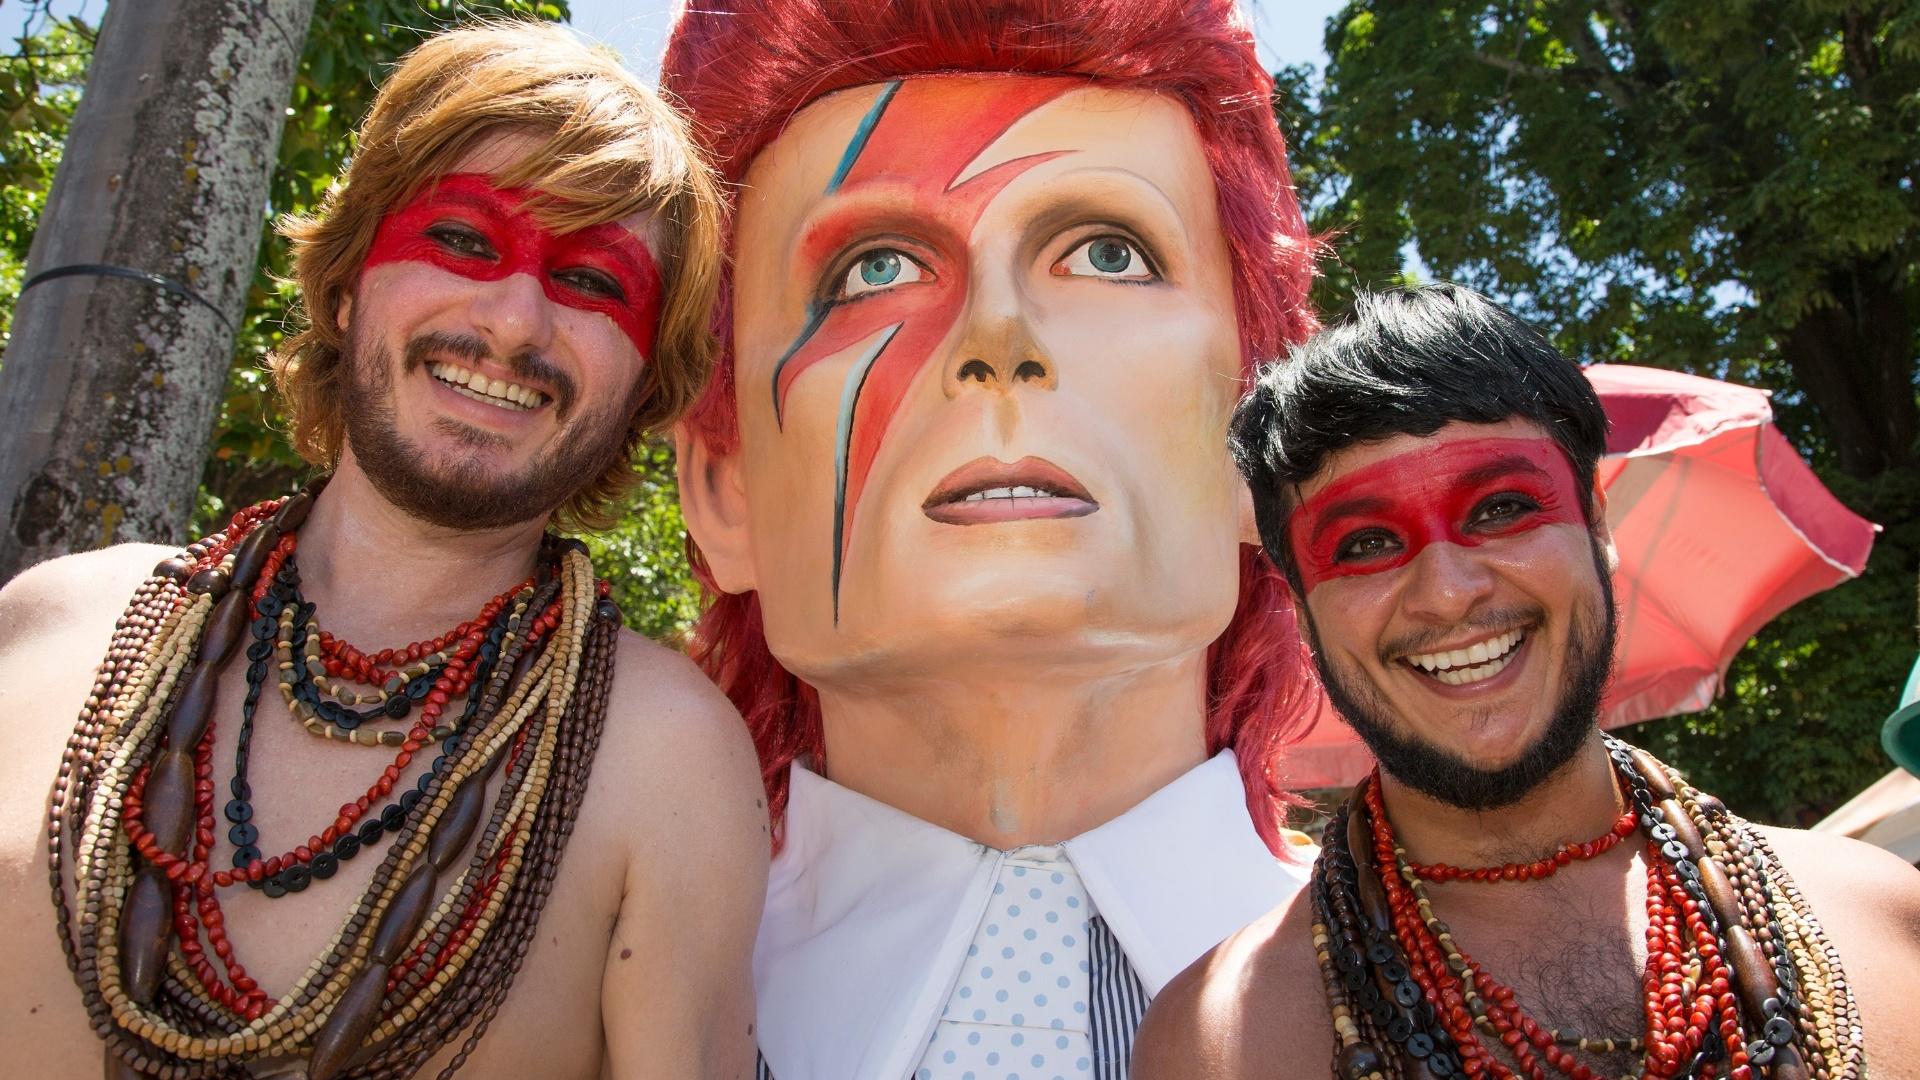 6.fev.2016 - Foliões posam com o a atração do bloco, o boneco de David Bowie, para curtir o bloco Bumba Meu Bowie no Carnaval de Olinda (PE).